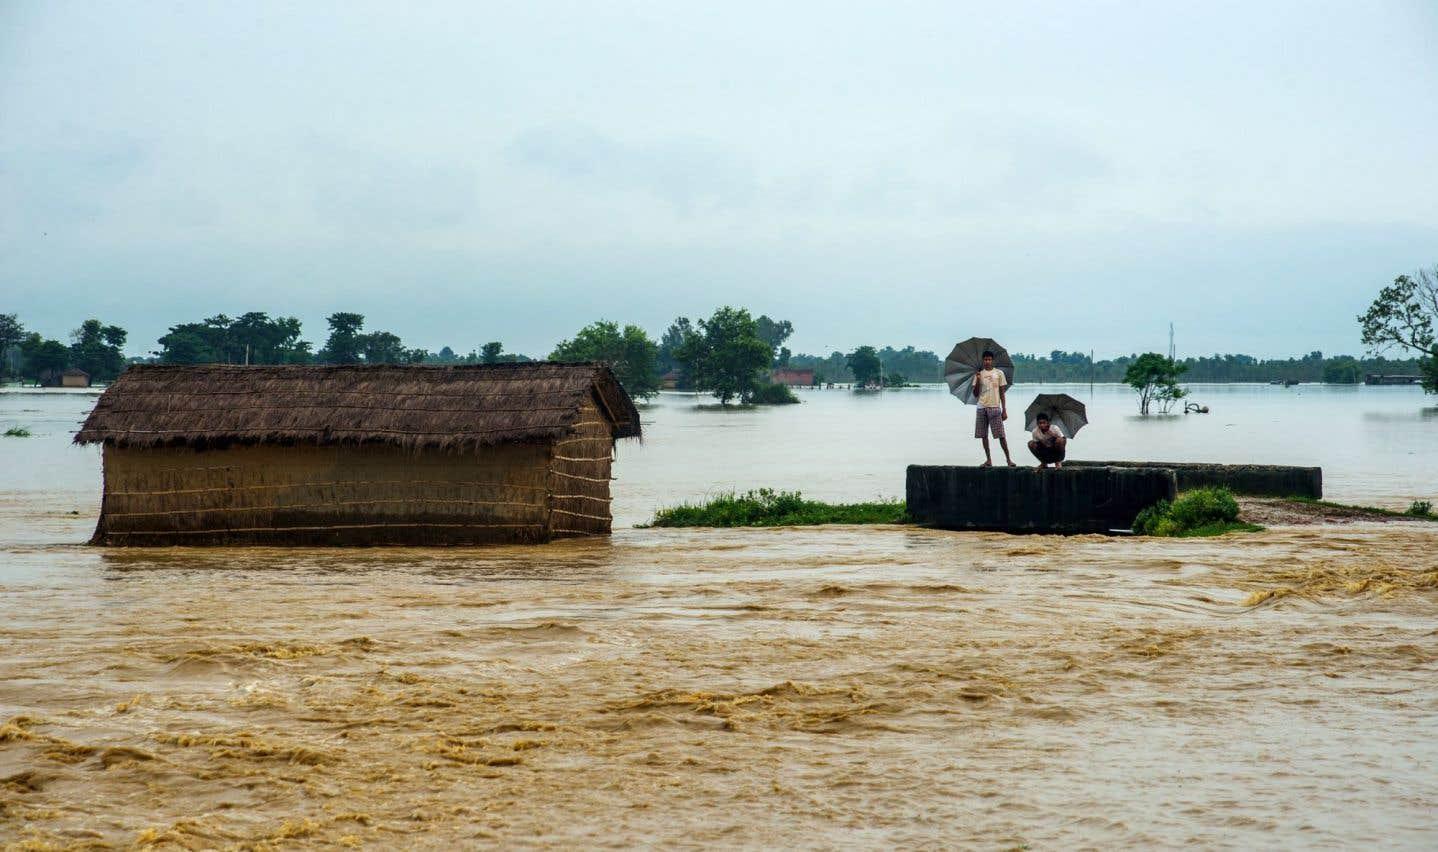 Des inondations ont fait au moins 173 morts dans le sud de l'Asie